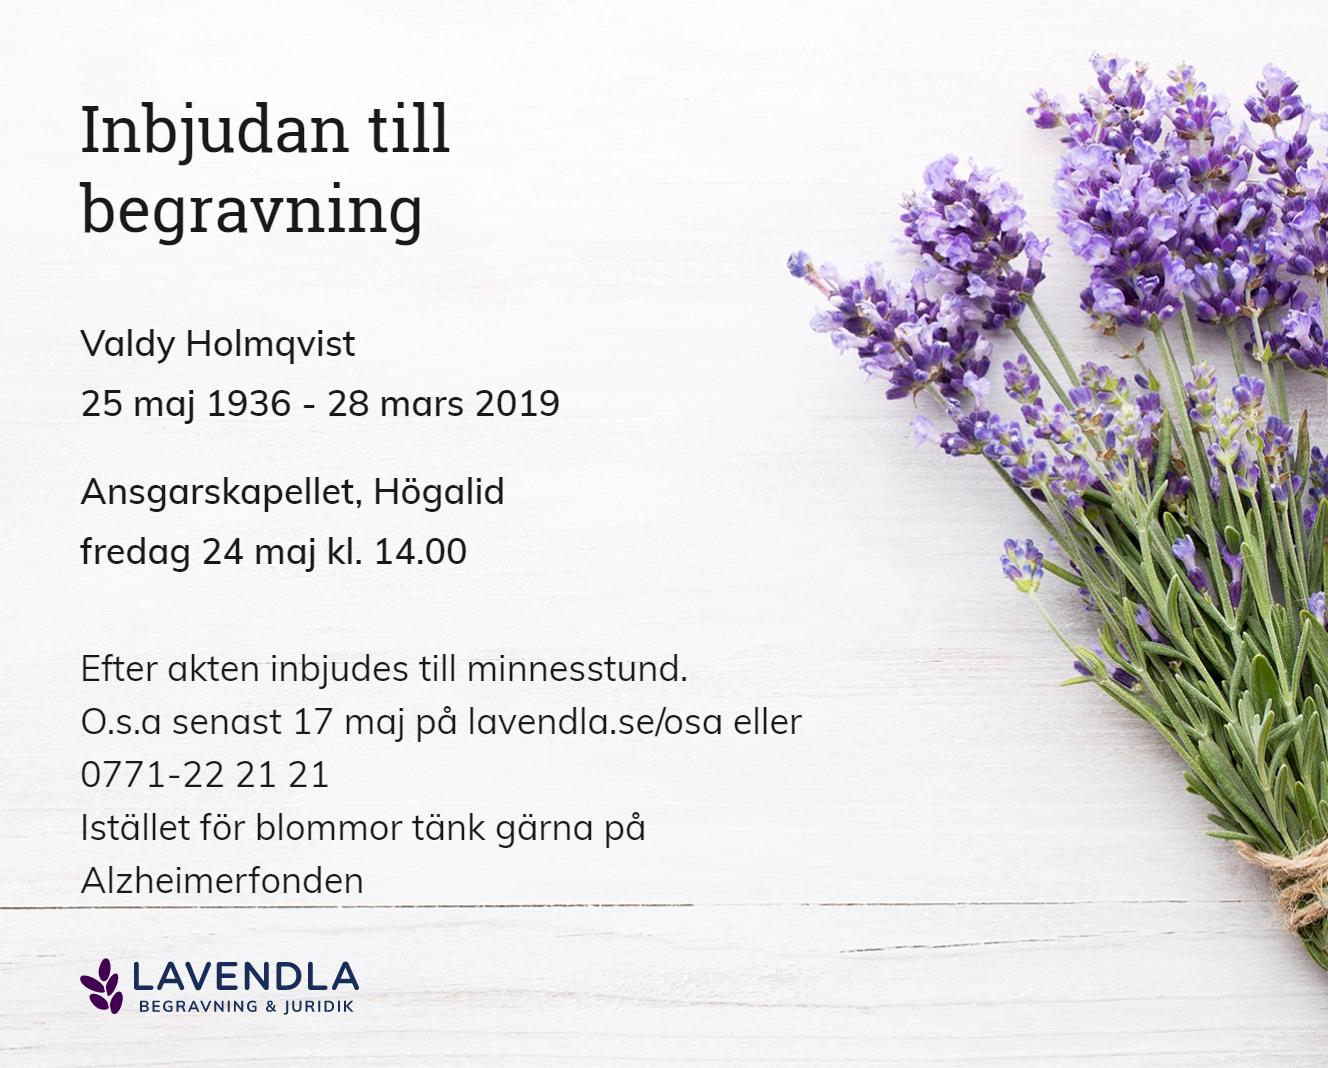 Inbjudningskort till ceremonin för Valdy Holmqvist